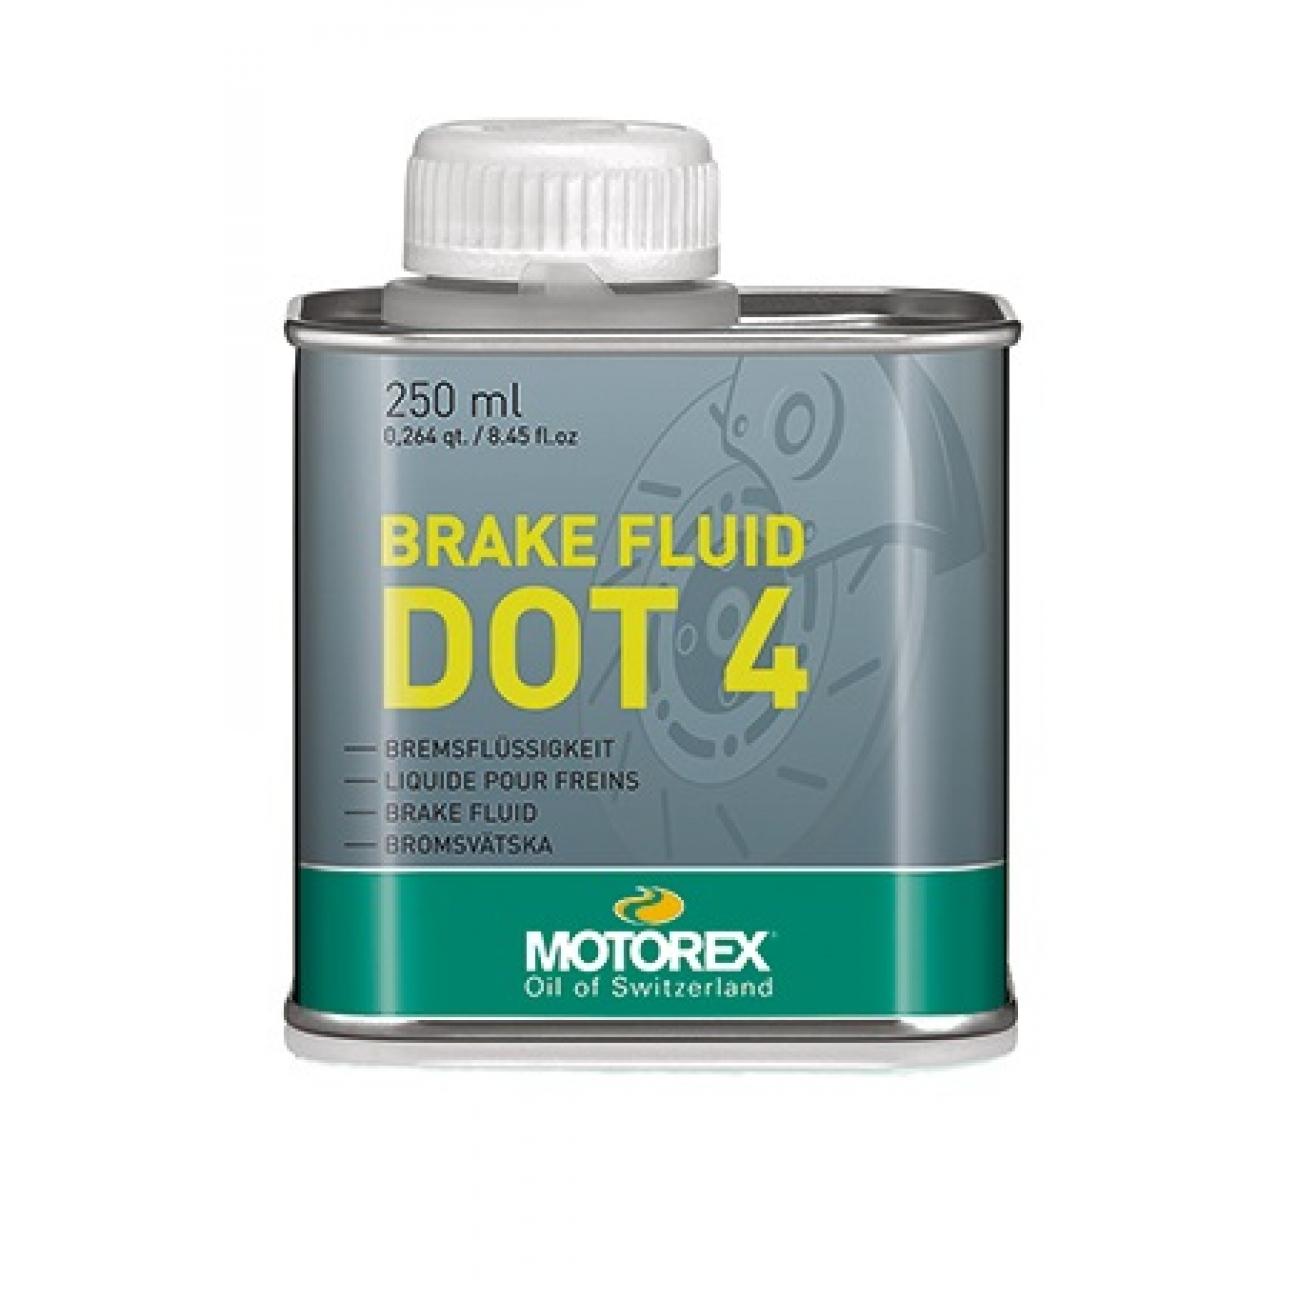 motorex brake fluid dot4 250ml tekoČina za hidravliČne zavore